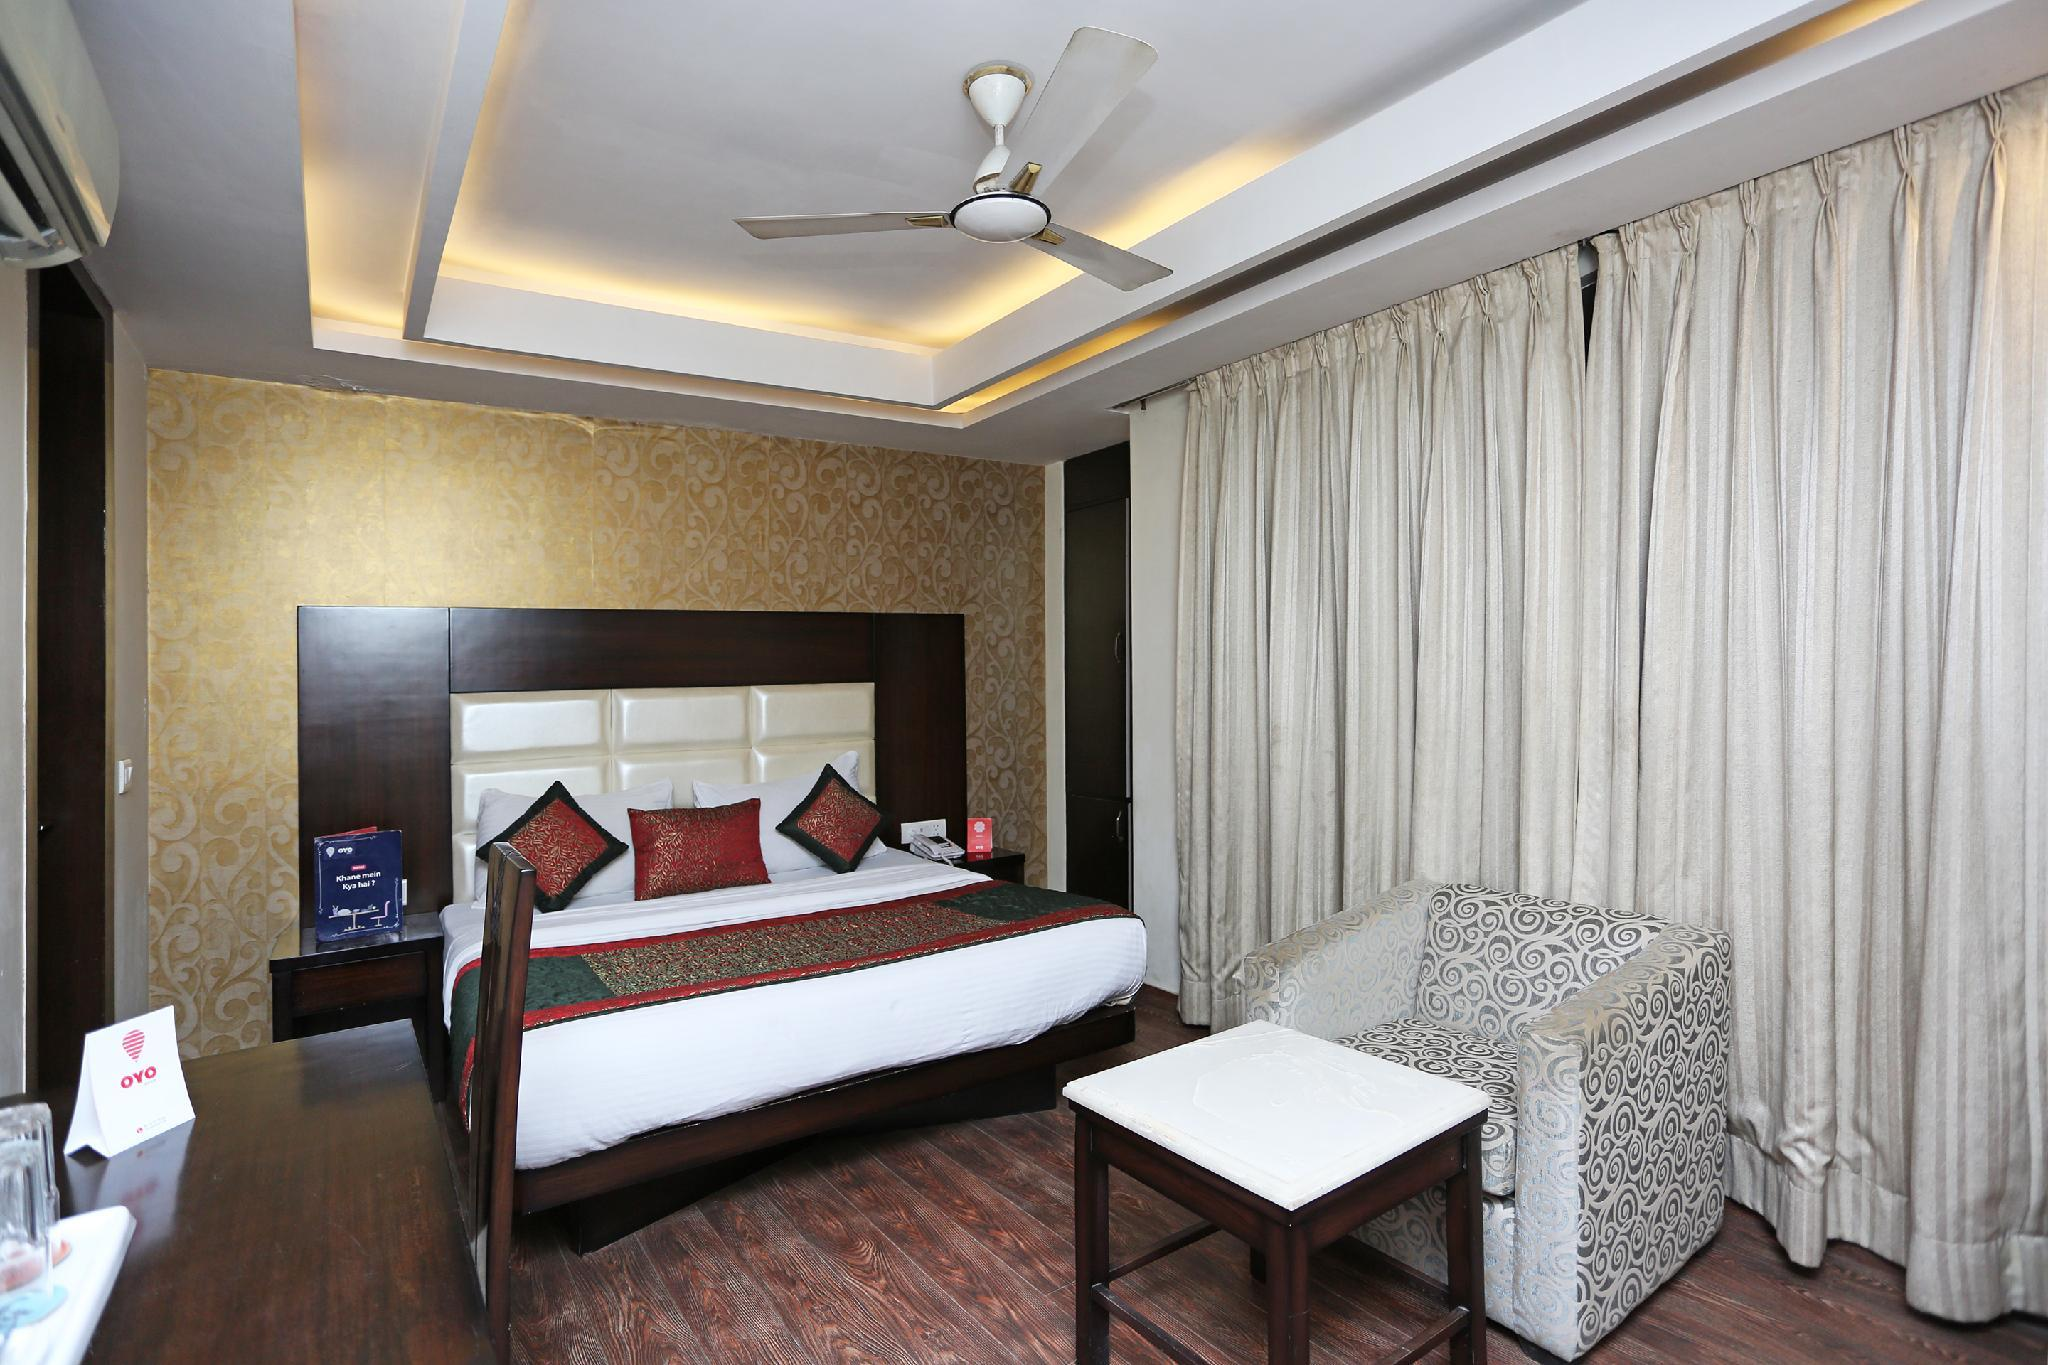 Capital O 443 Hotel Lohias